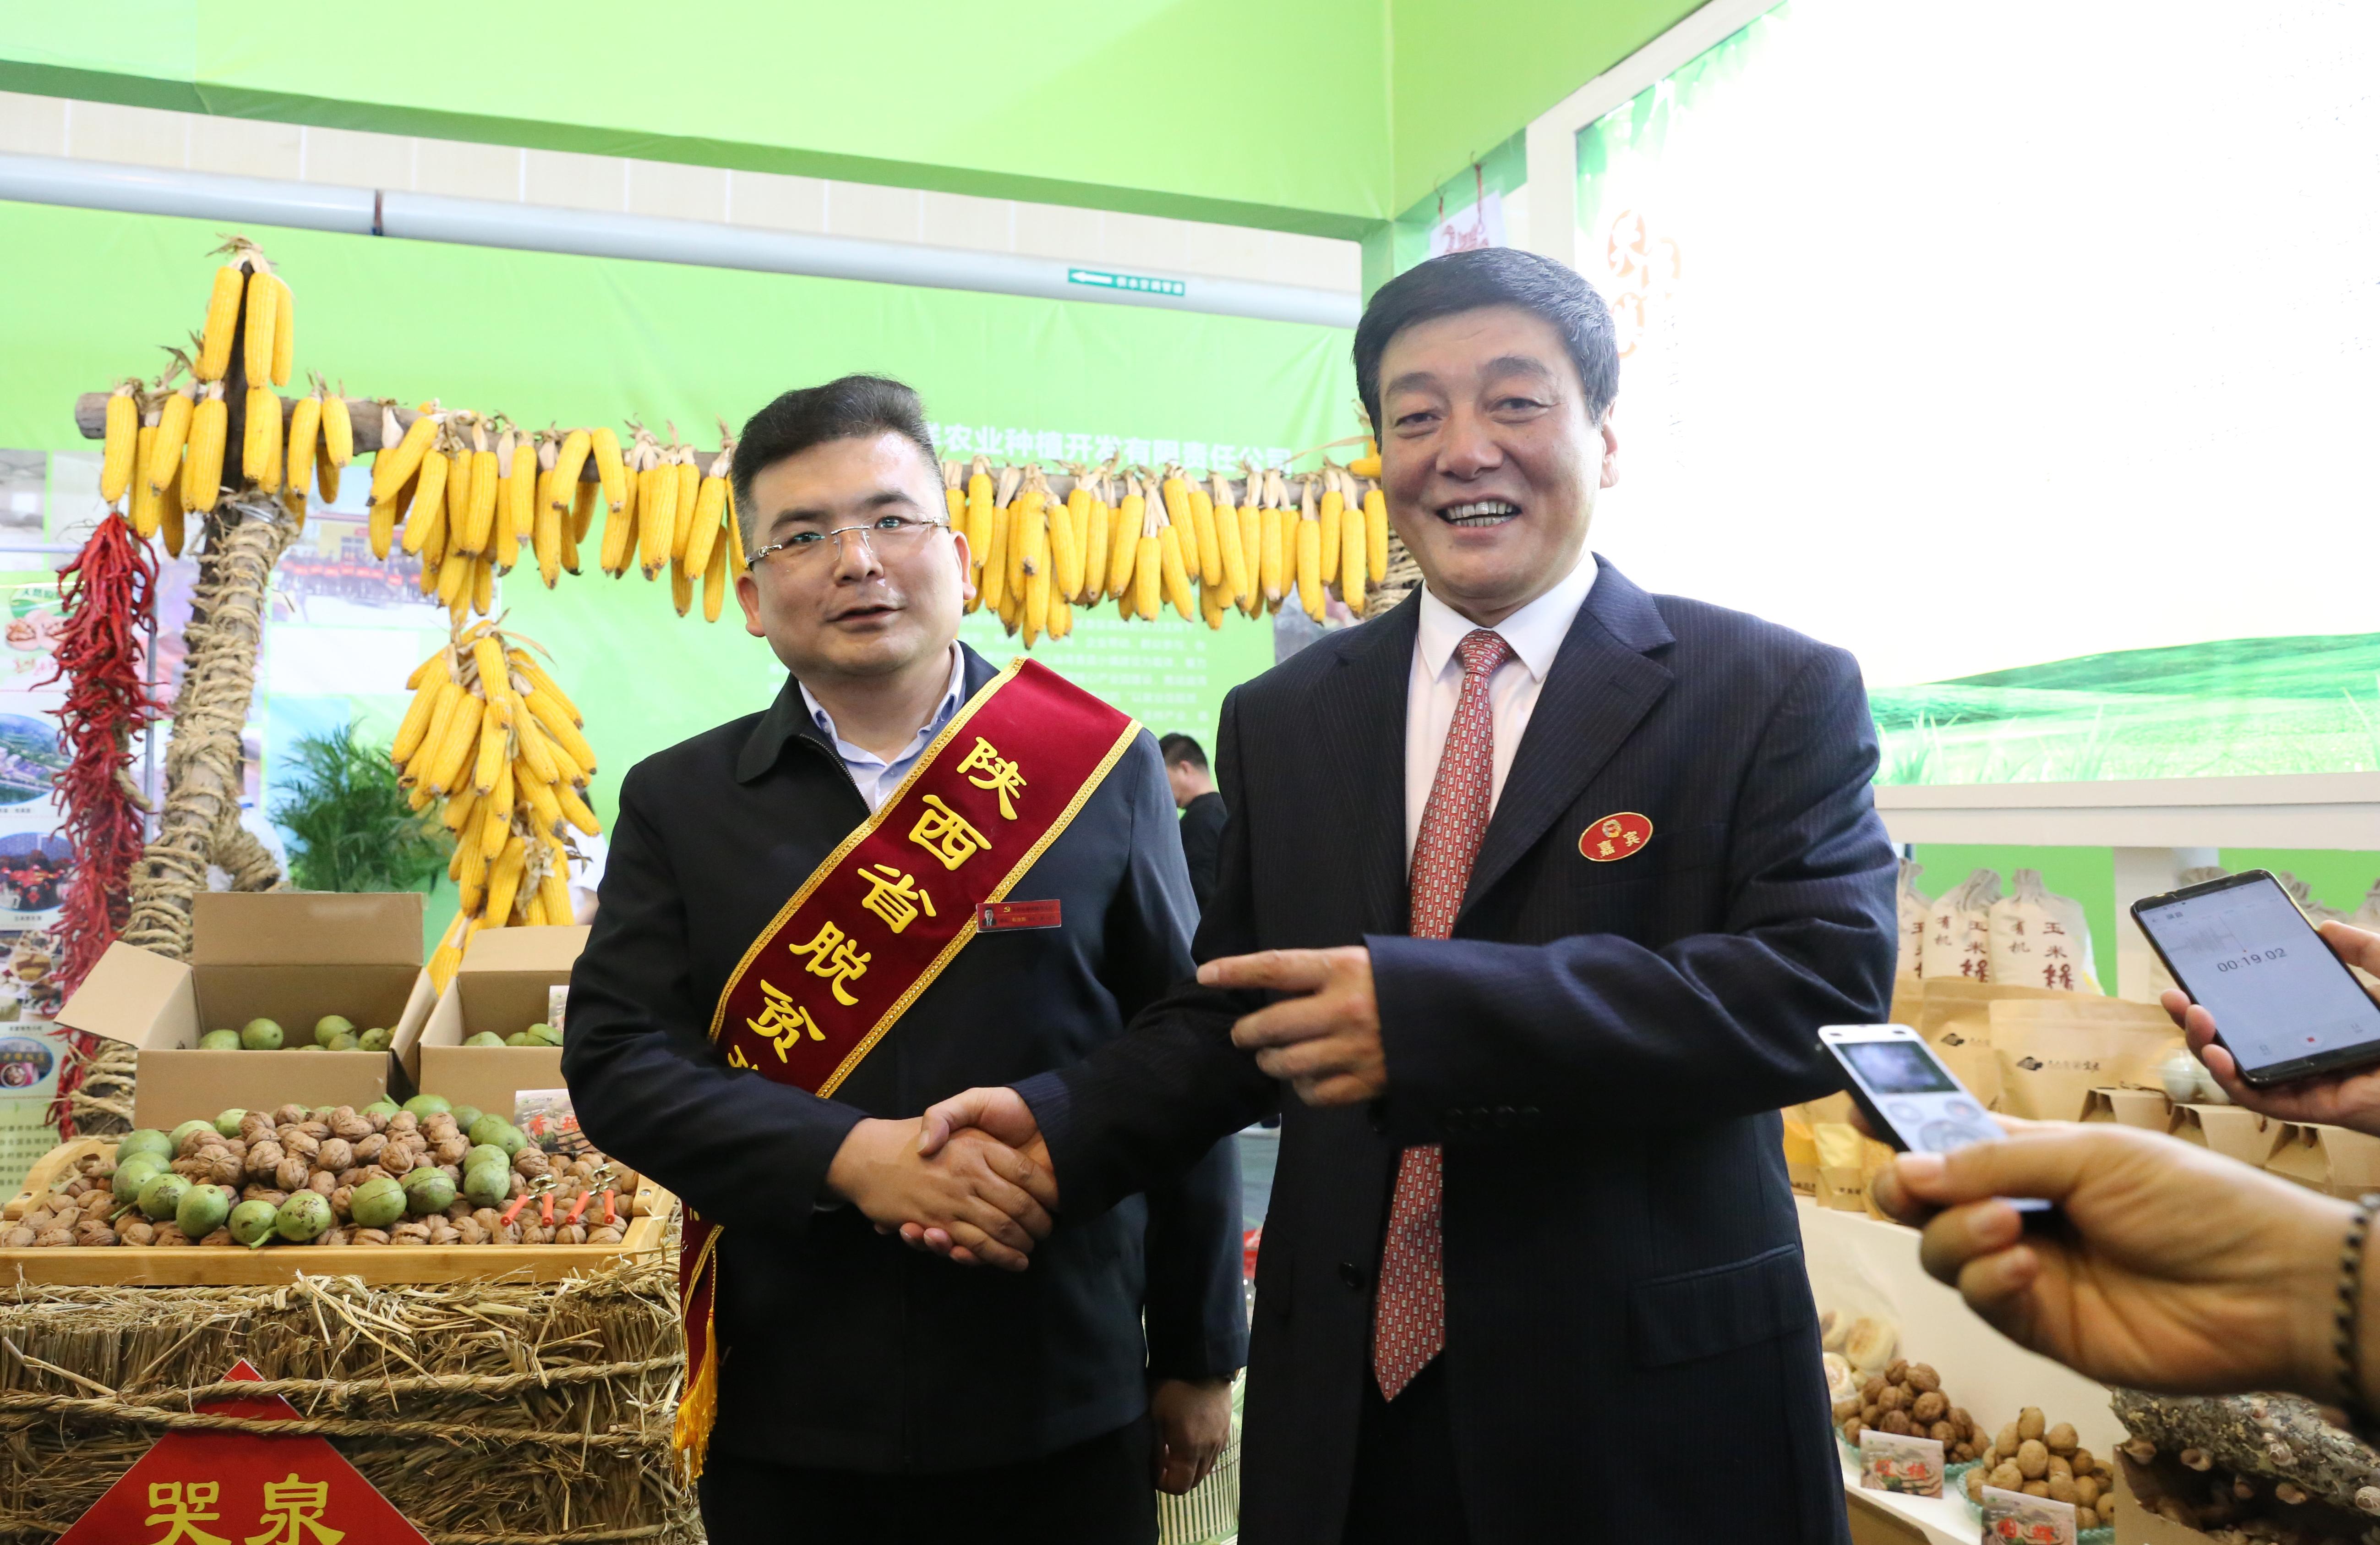 """铜川市委书记扶贫产品交易会上推介""""玉米书记""""靳康鹏"""